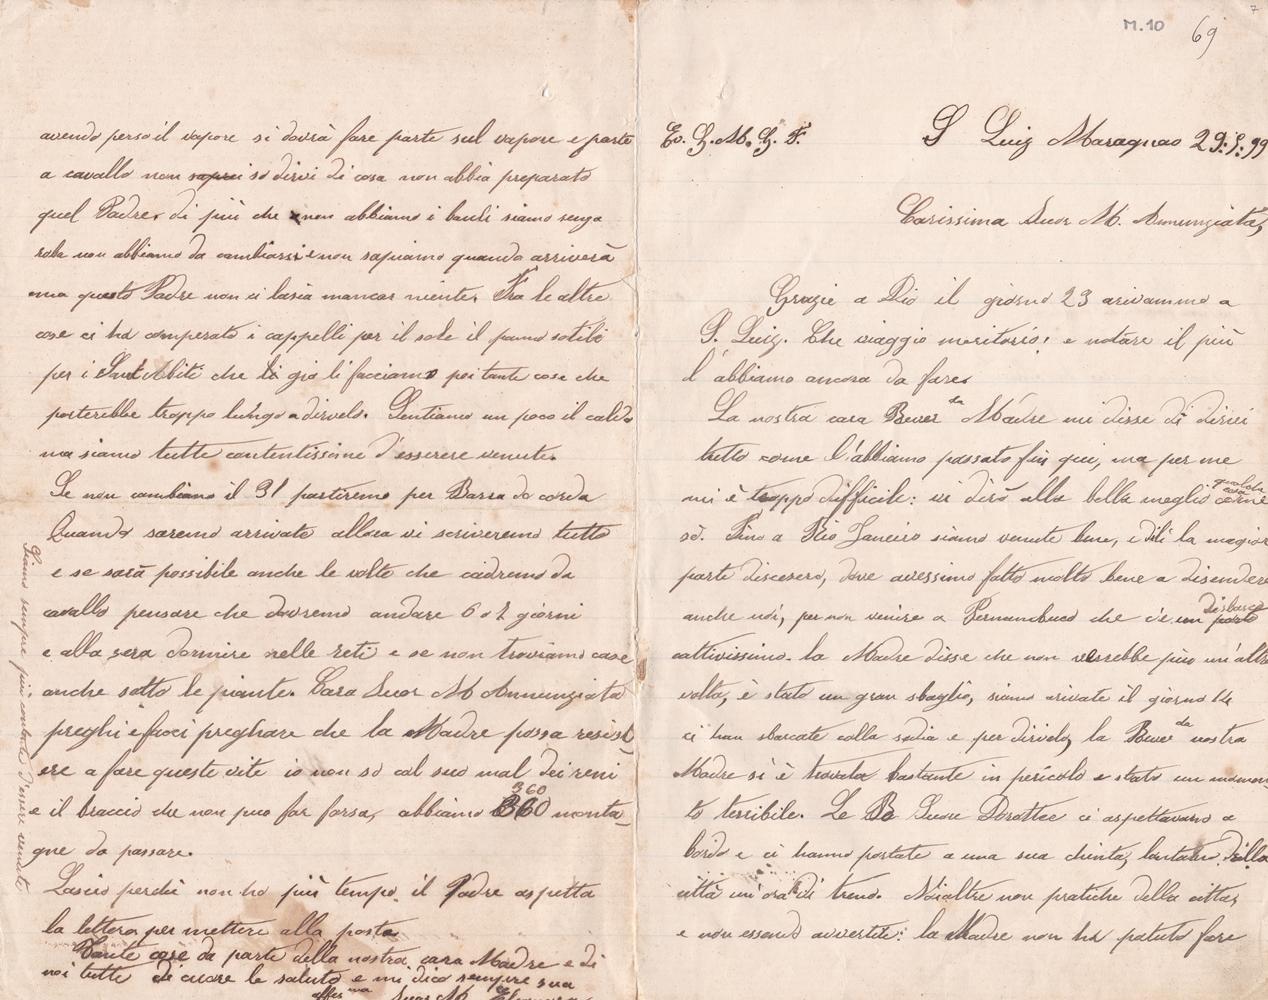 Lettera del 29 maggio 1899 recto